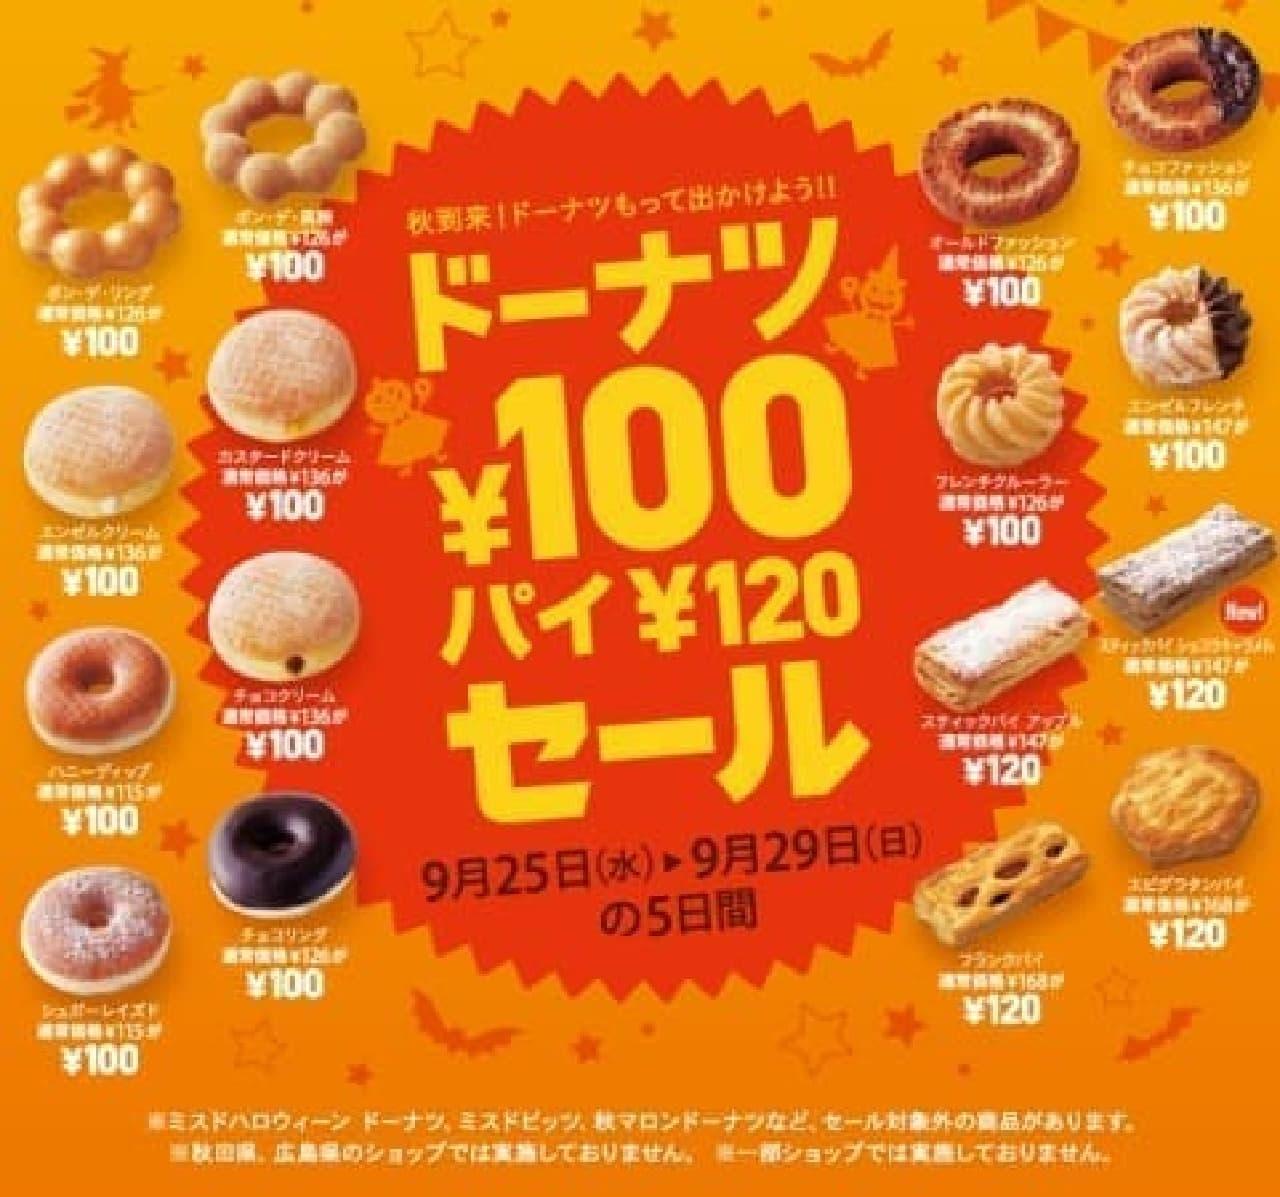 9月の100円セール、29日まで!  (画像:ミスタードーナツ)